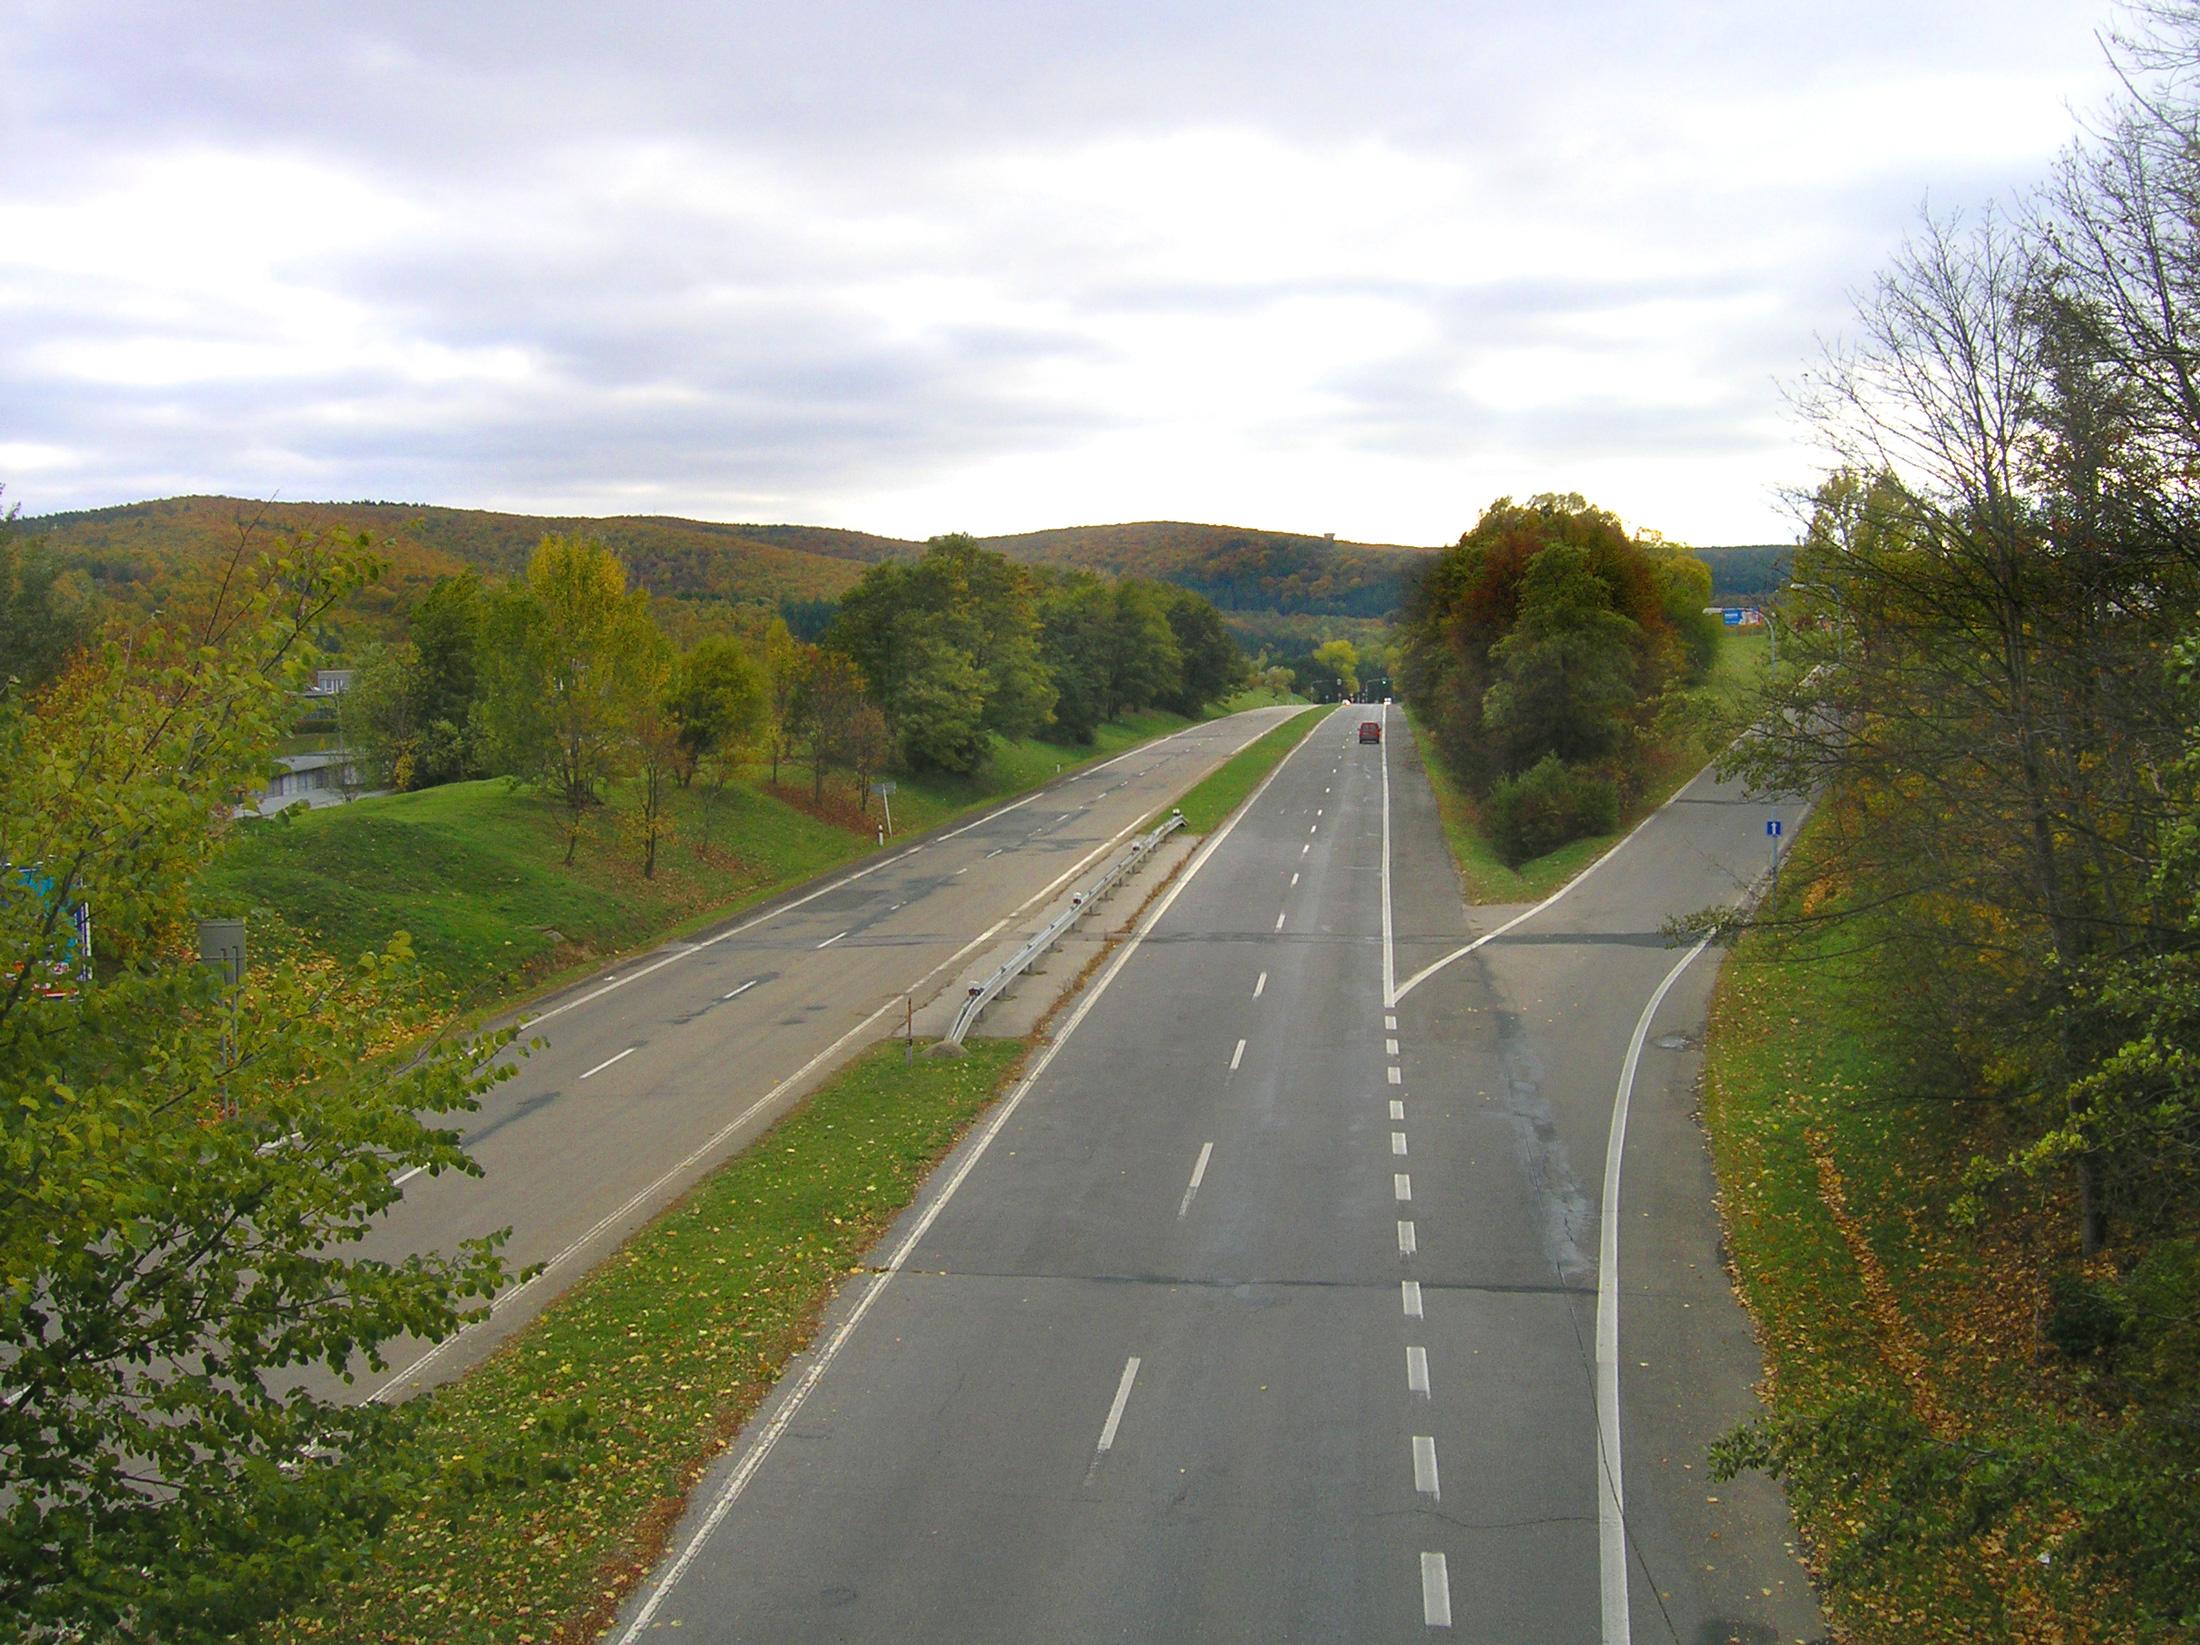 Část dálnice z Hitlerova projektu. Později byla použita jako Stará dálnice nacházející se u sídliště Bystrc v Brně, využívá se jako silnice III. třídy.